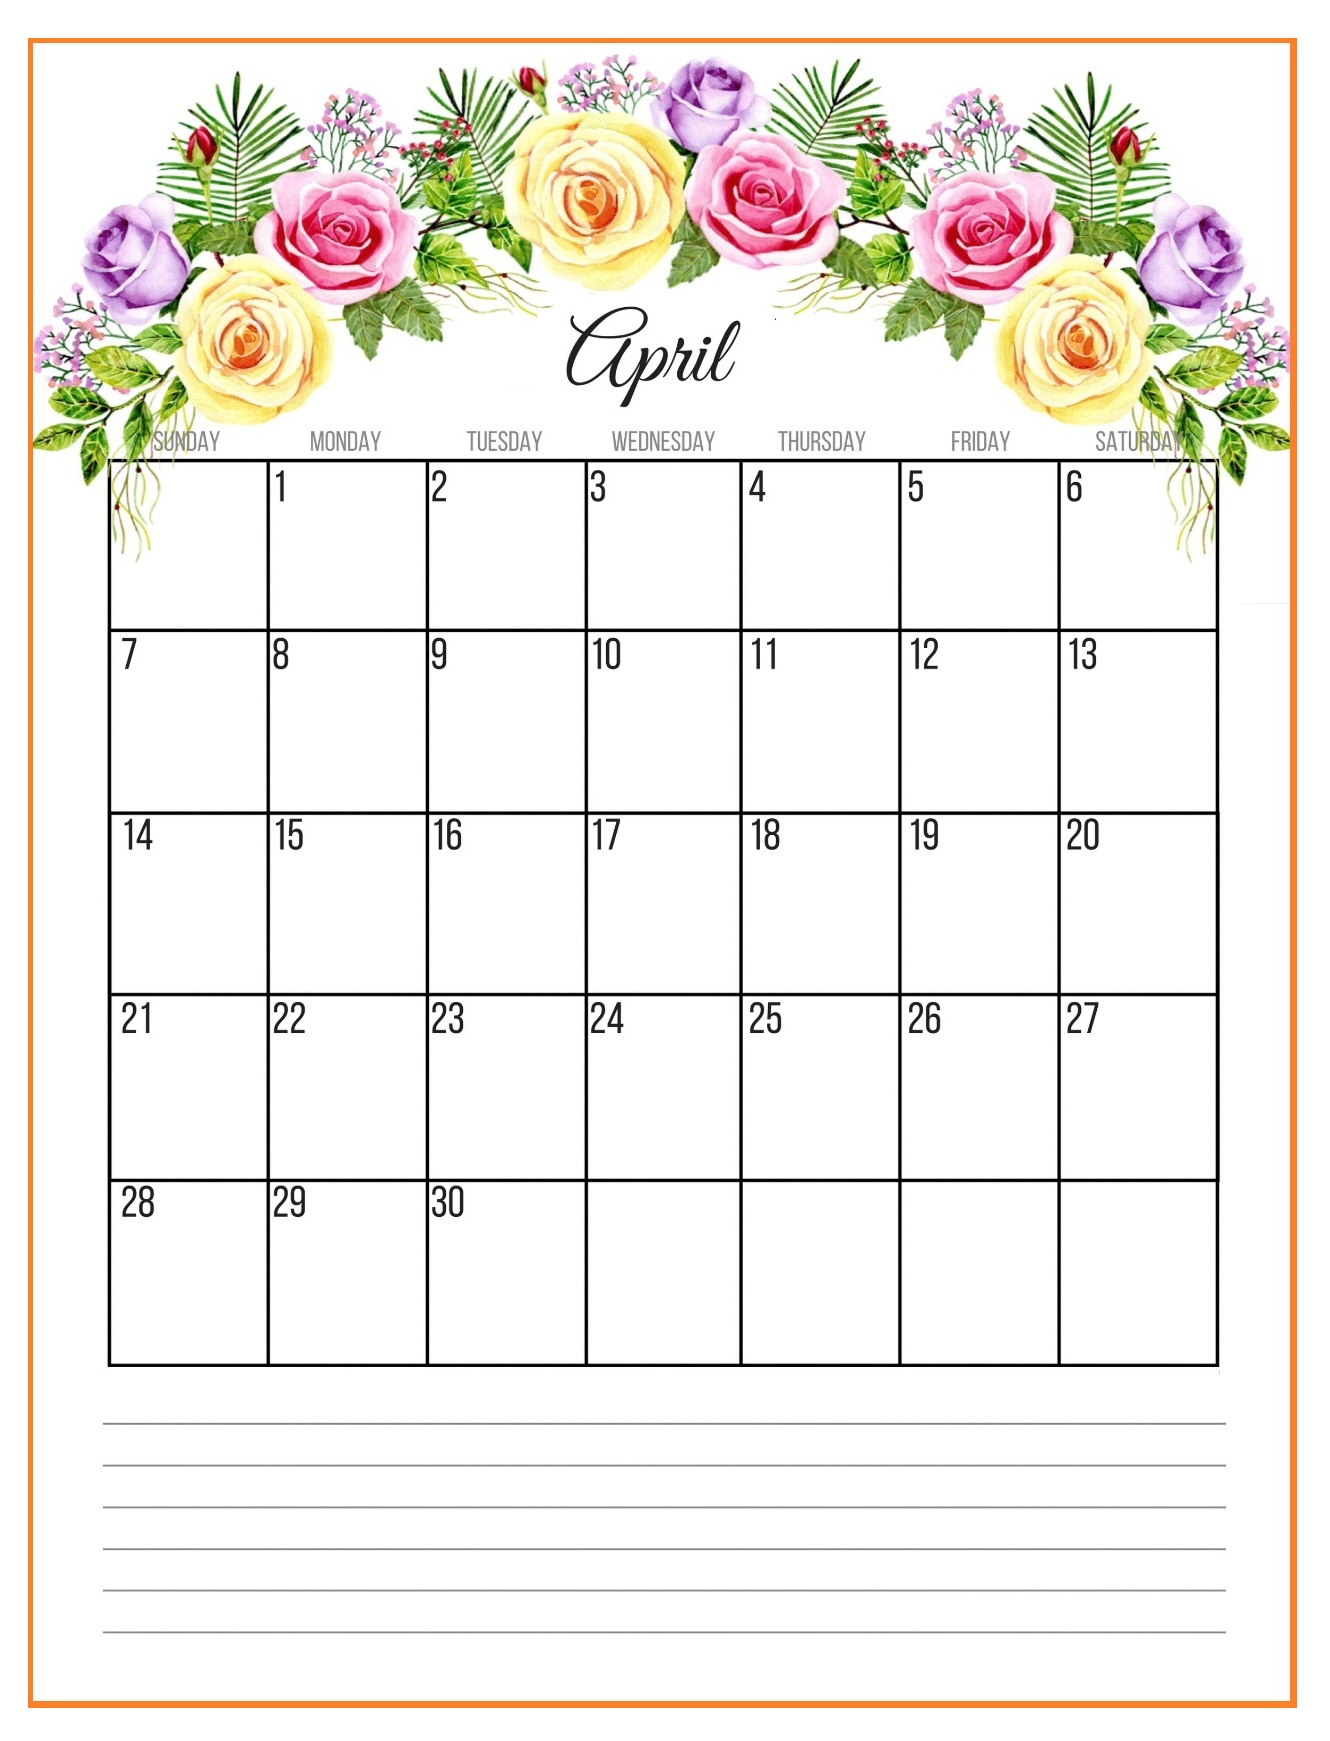 April 2019 Floral Wall Calendar